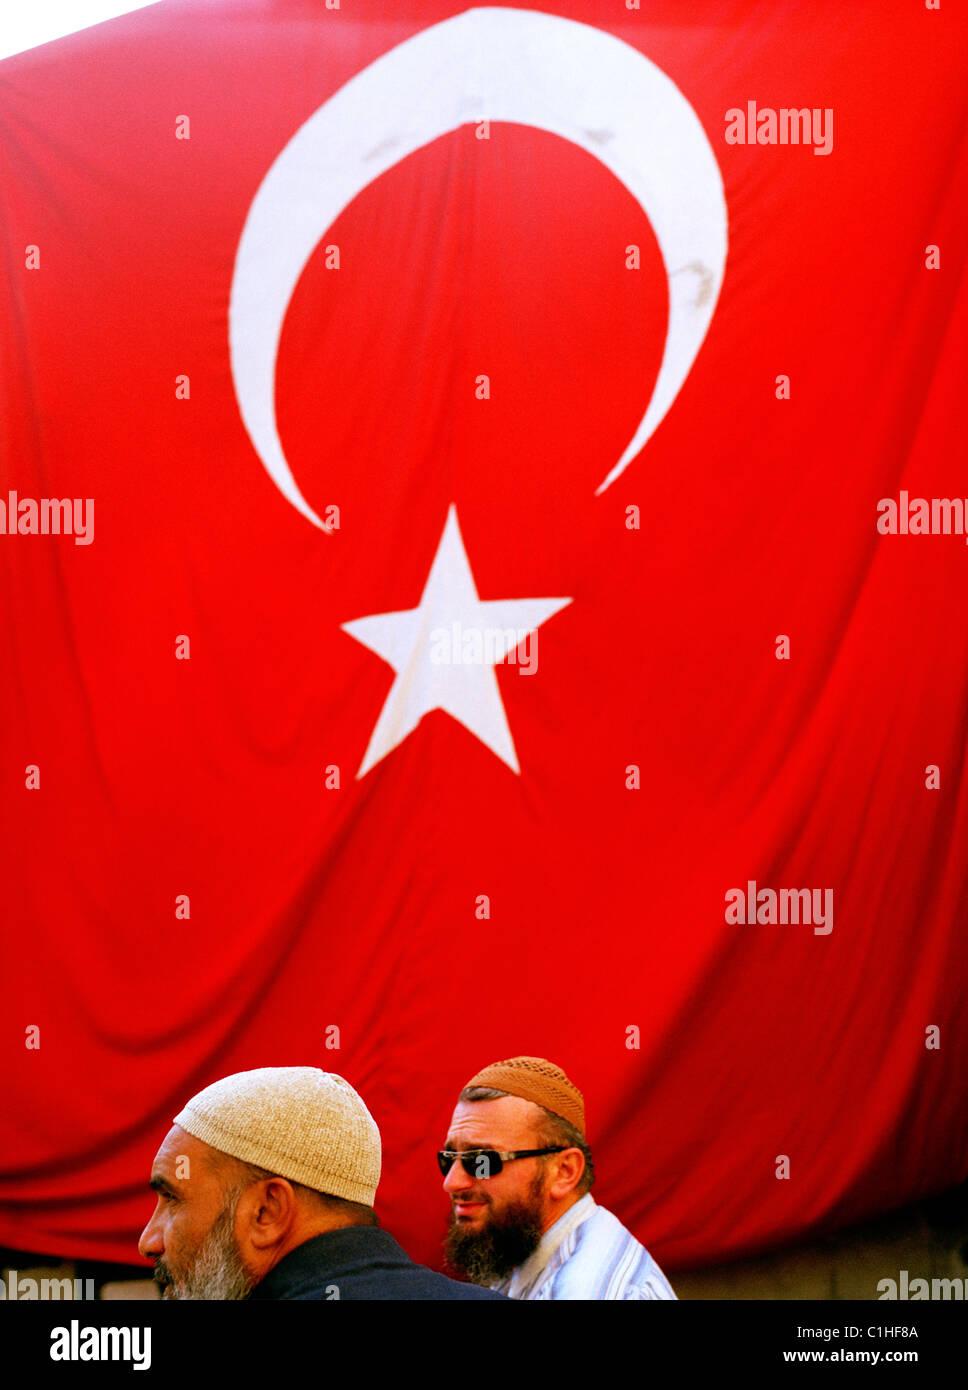 Le drapeau turc et turc des hommes à Fener et Balat à Istanbul en Turquie. Photo Stock